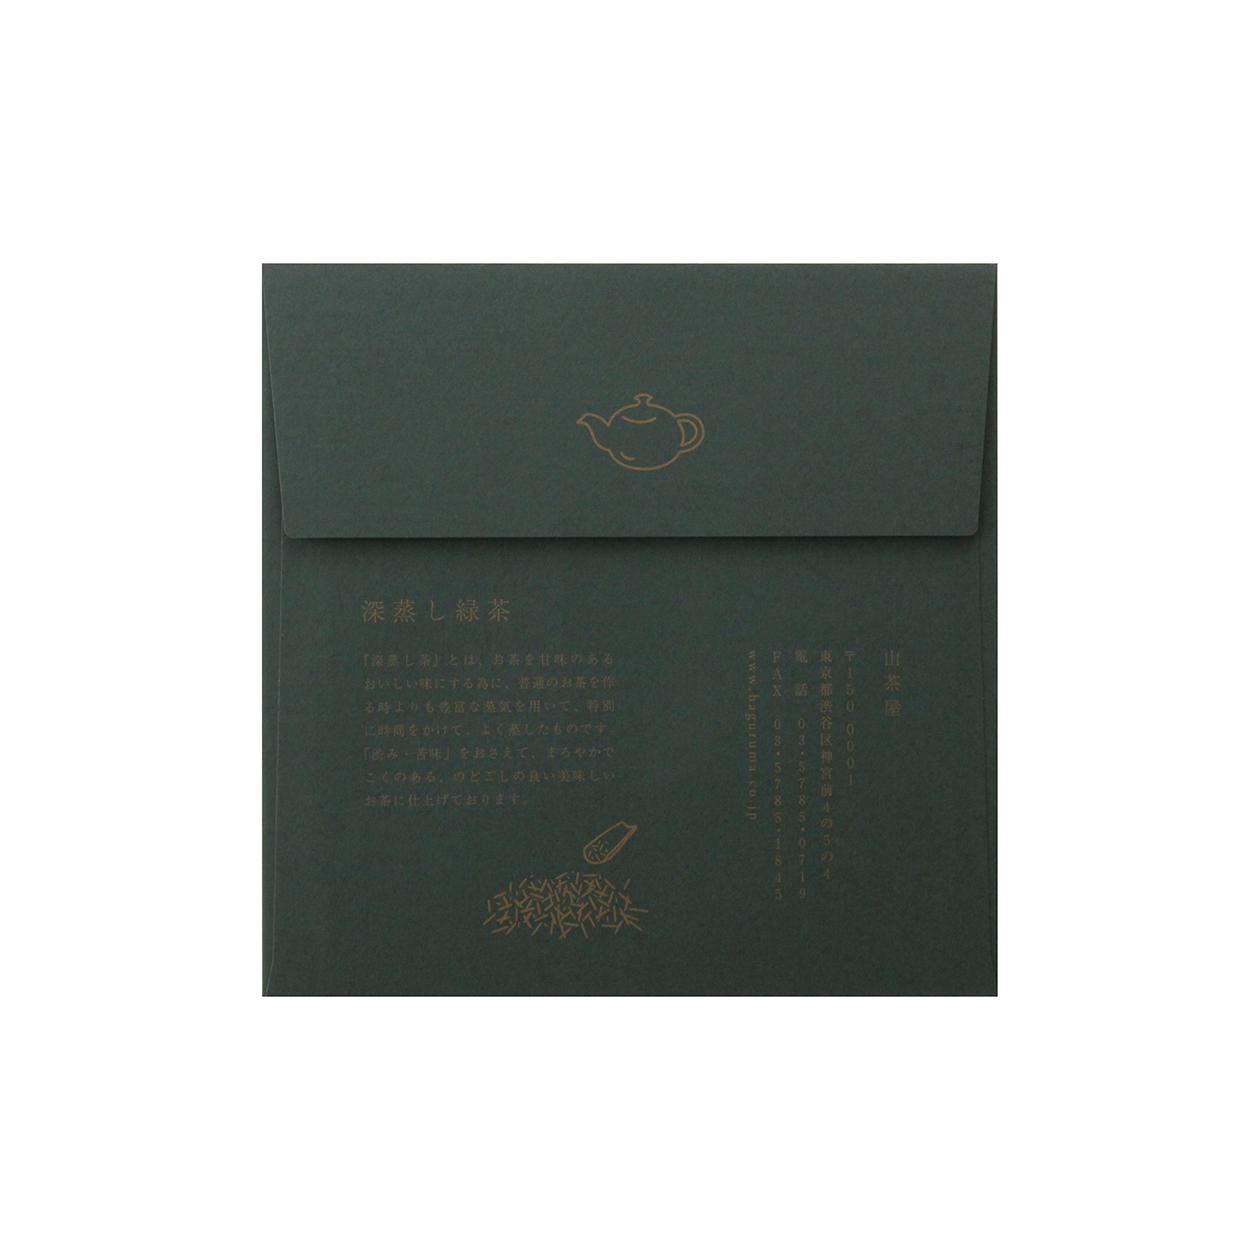 サンプル 封筒・袋 00107